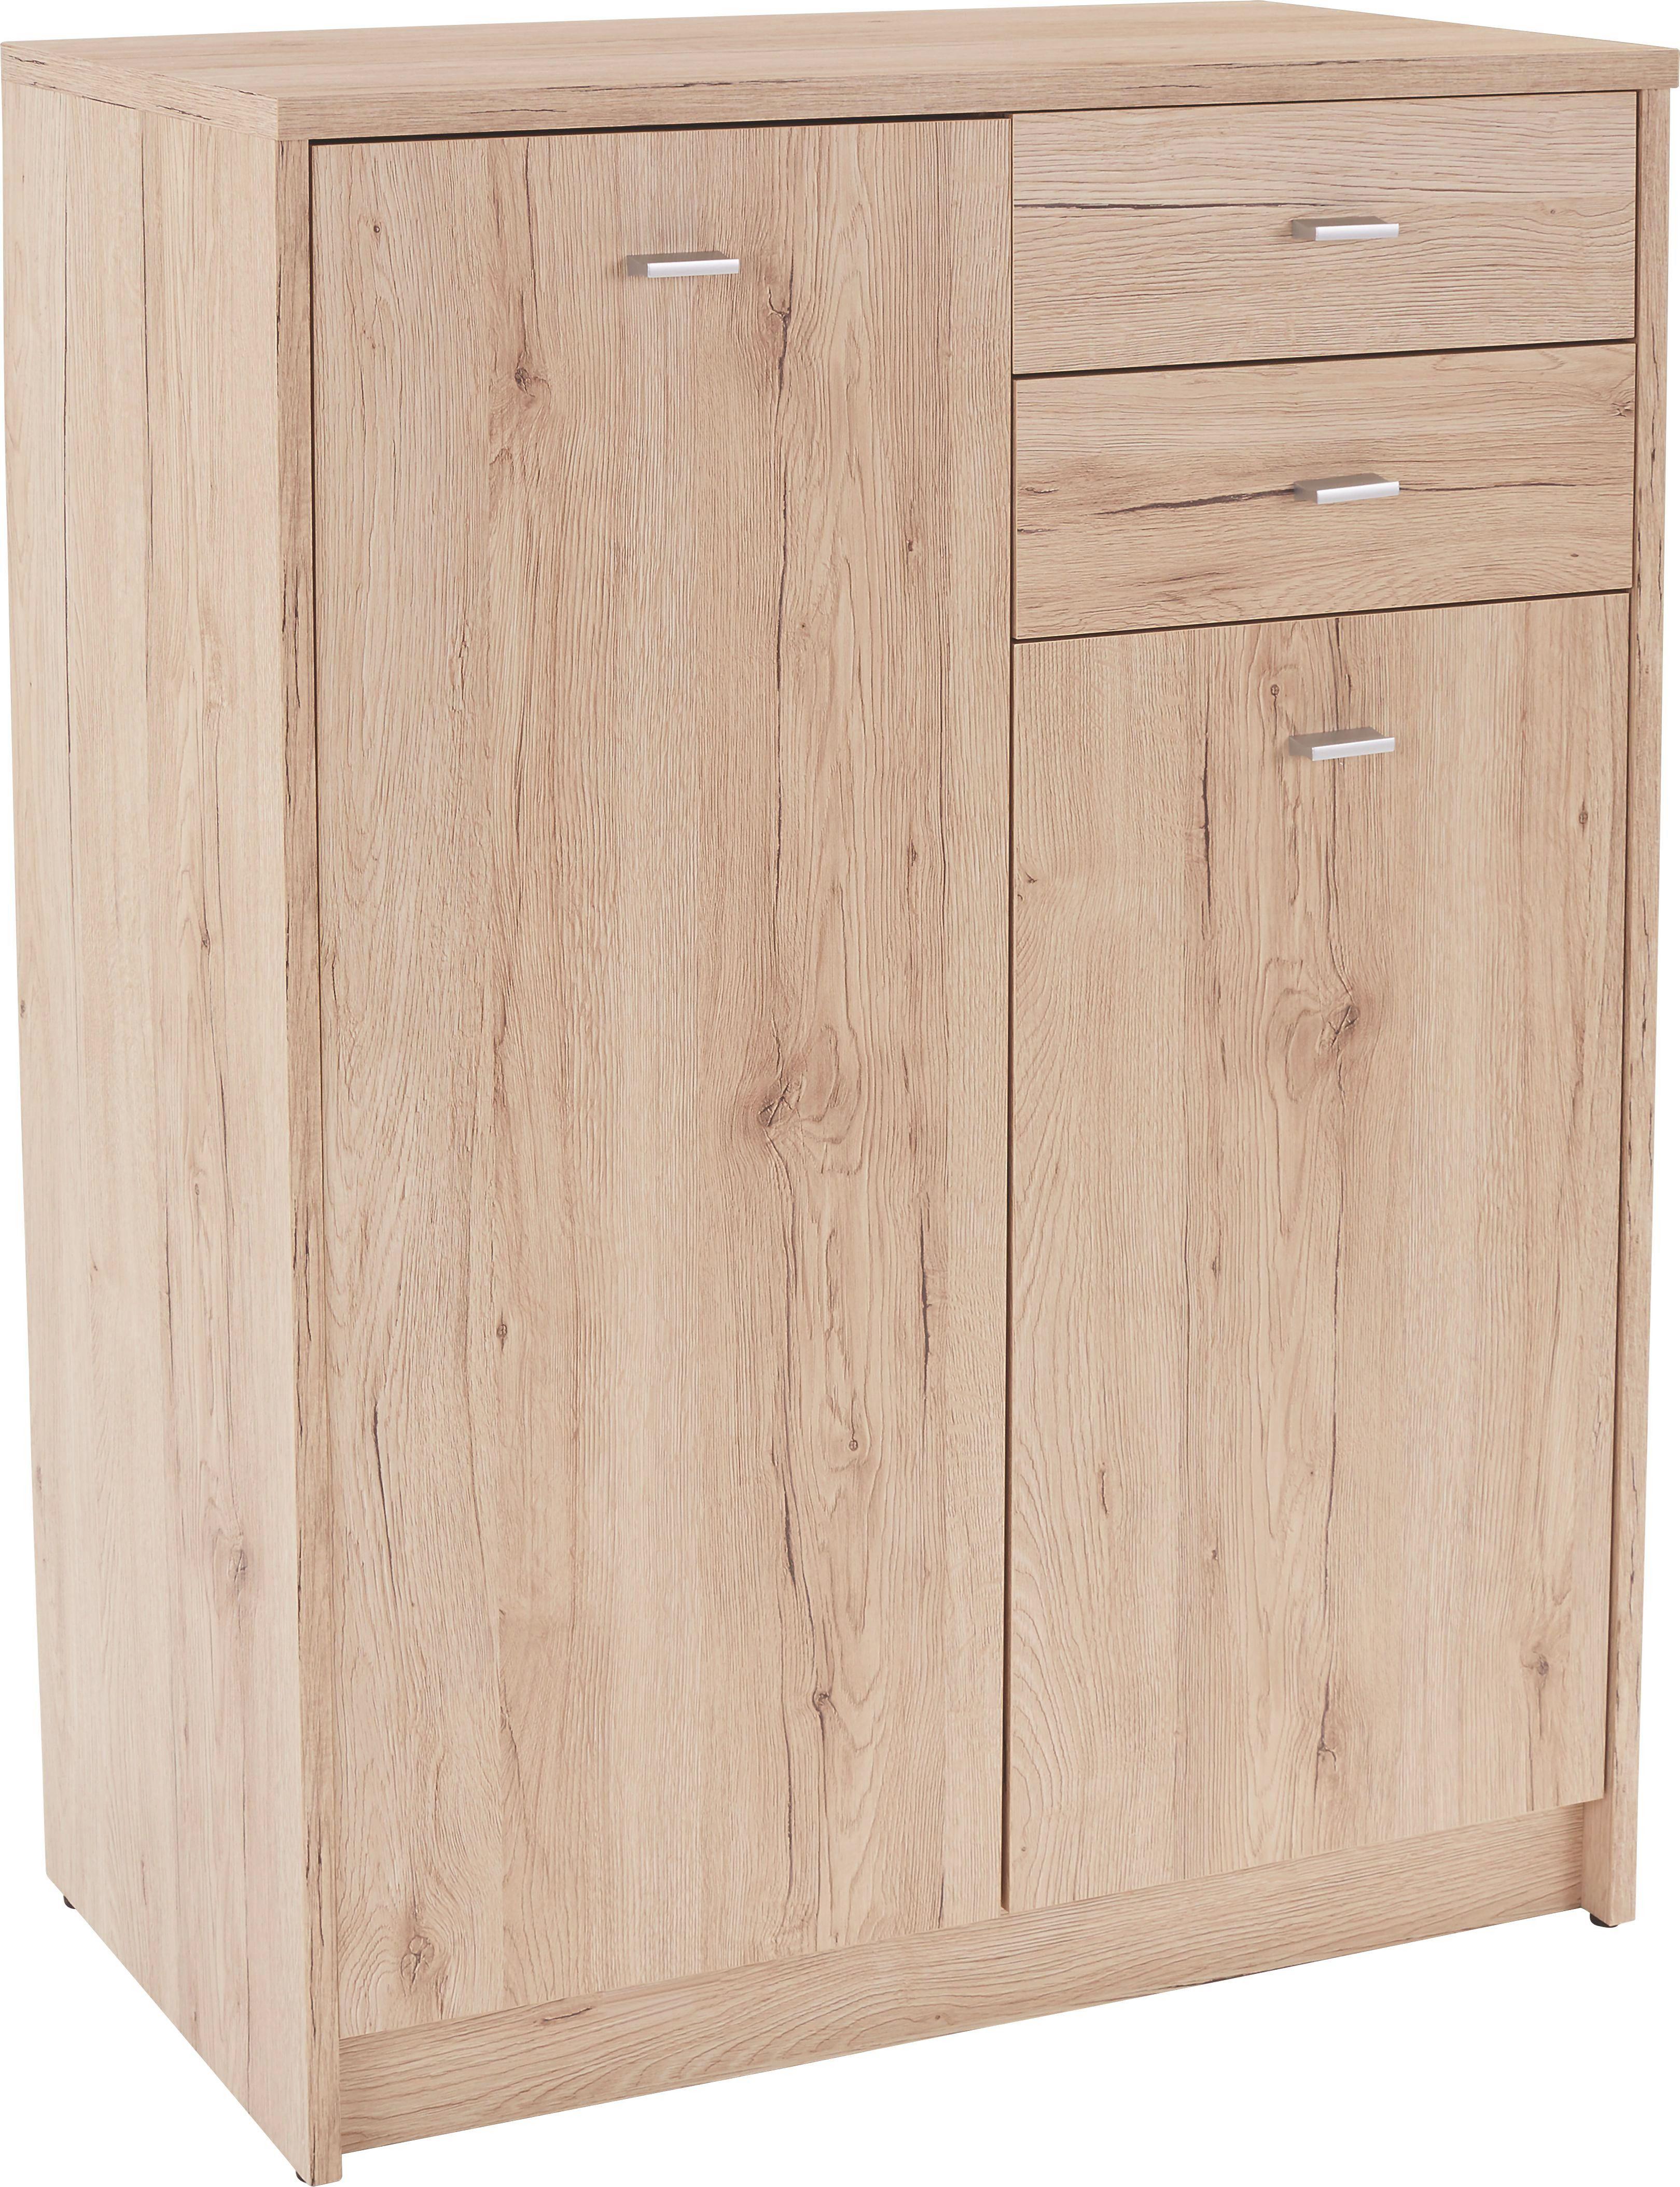 Komoda 4-you Yuk08 - barvy dubu, Moderní, kompozitní dřevo (74/111,4/34,6cm)